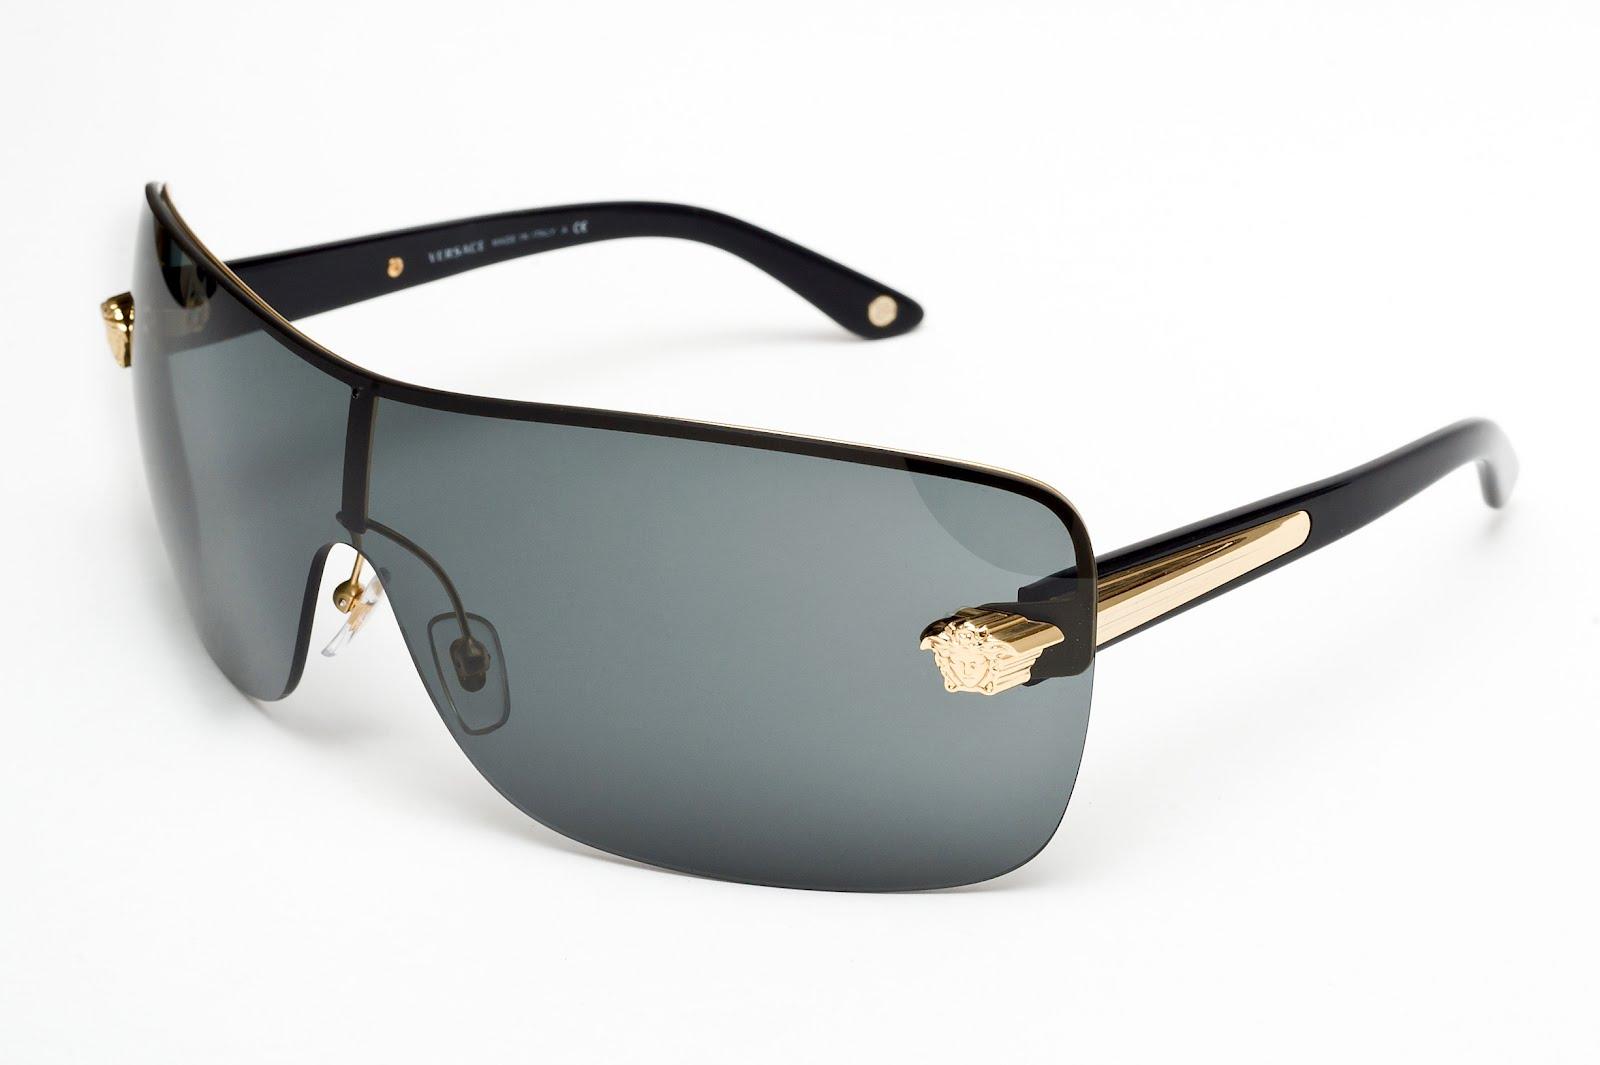 Prada Óculos Solar Sport com haste branca e lente azul espelhada – R  868,00 9c1343efac